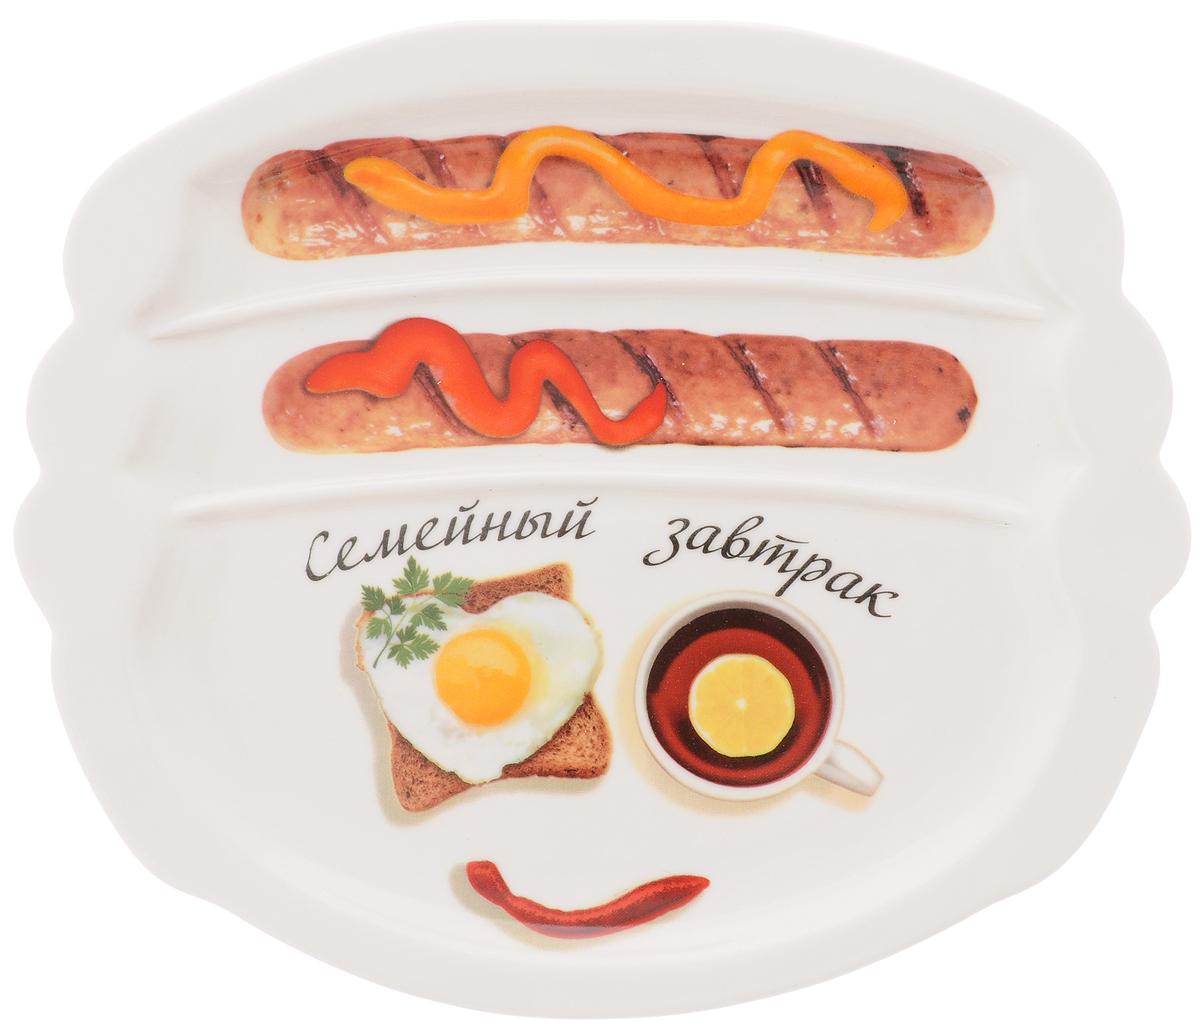 Тарелка для завтрака LarangE Семейный завтрак. Бодрящий, 22,5 х 19 х 1,5 см589-304Тарелка для завтрака LarangE Семейный завтрак. Бодрящий изготовлена из высококачественной керамики и украшена с изображением еды. Тарелка имеет три отделения: 2 маленьких отделения для сосисок и одно большое отделение для яичницы или другого блюда. Можно использовать в СВЧ печах, духовом шкафу и холодильнике. Не применять абразивные чистящие вещества. Размер тарелки: 22,5 х 19 см. Высота тарелки: 1,5 см.